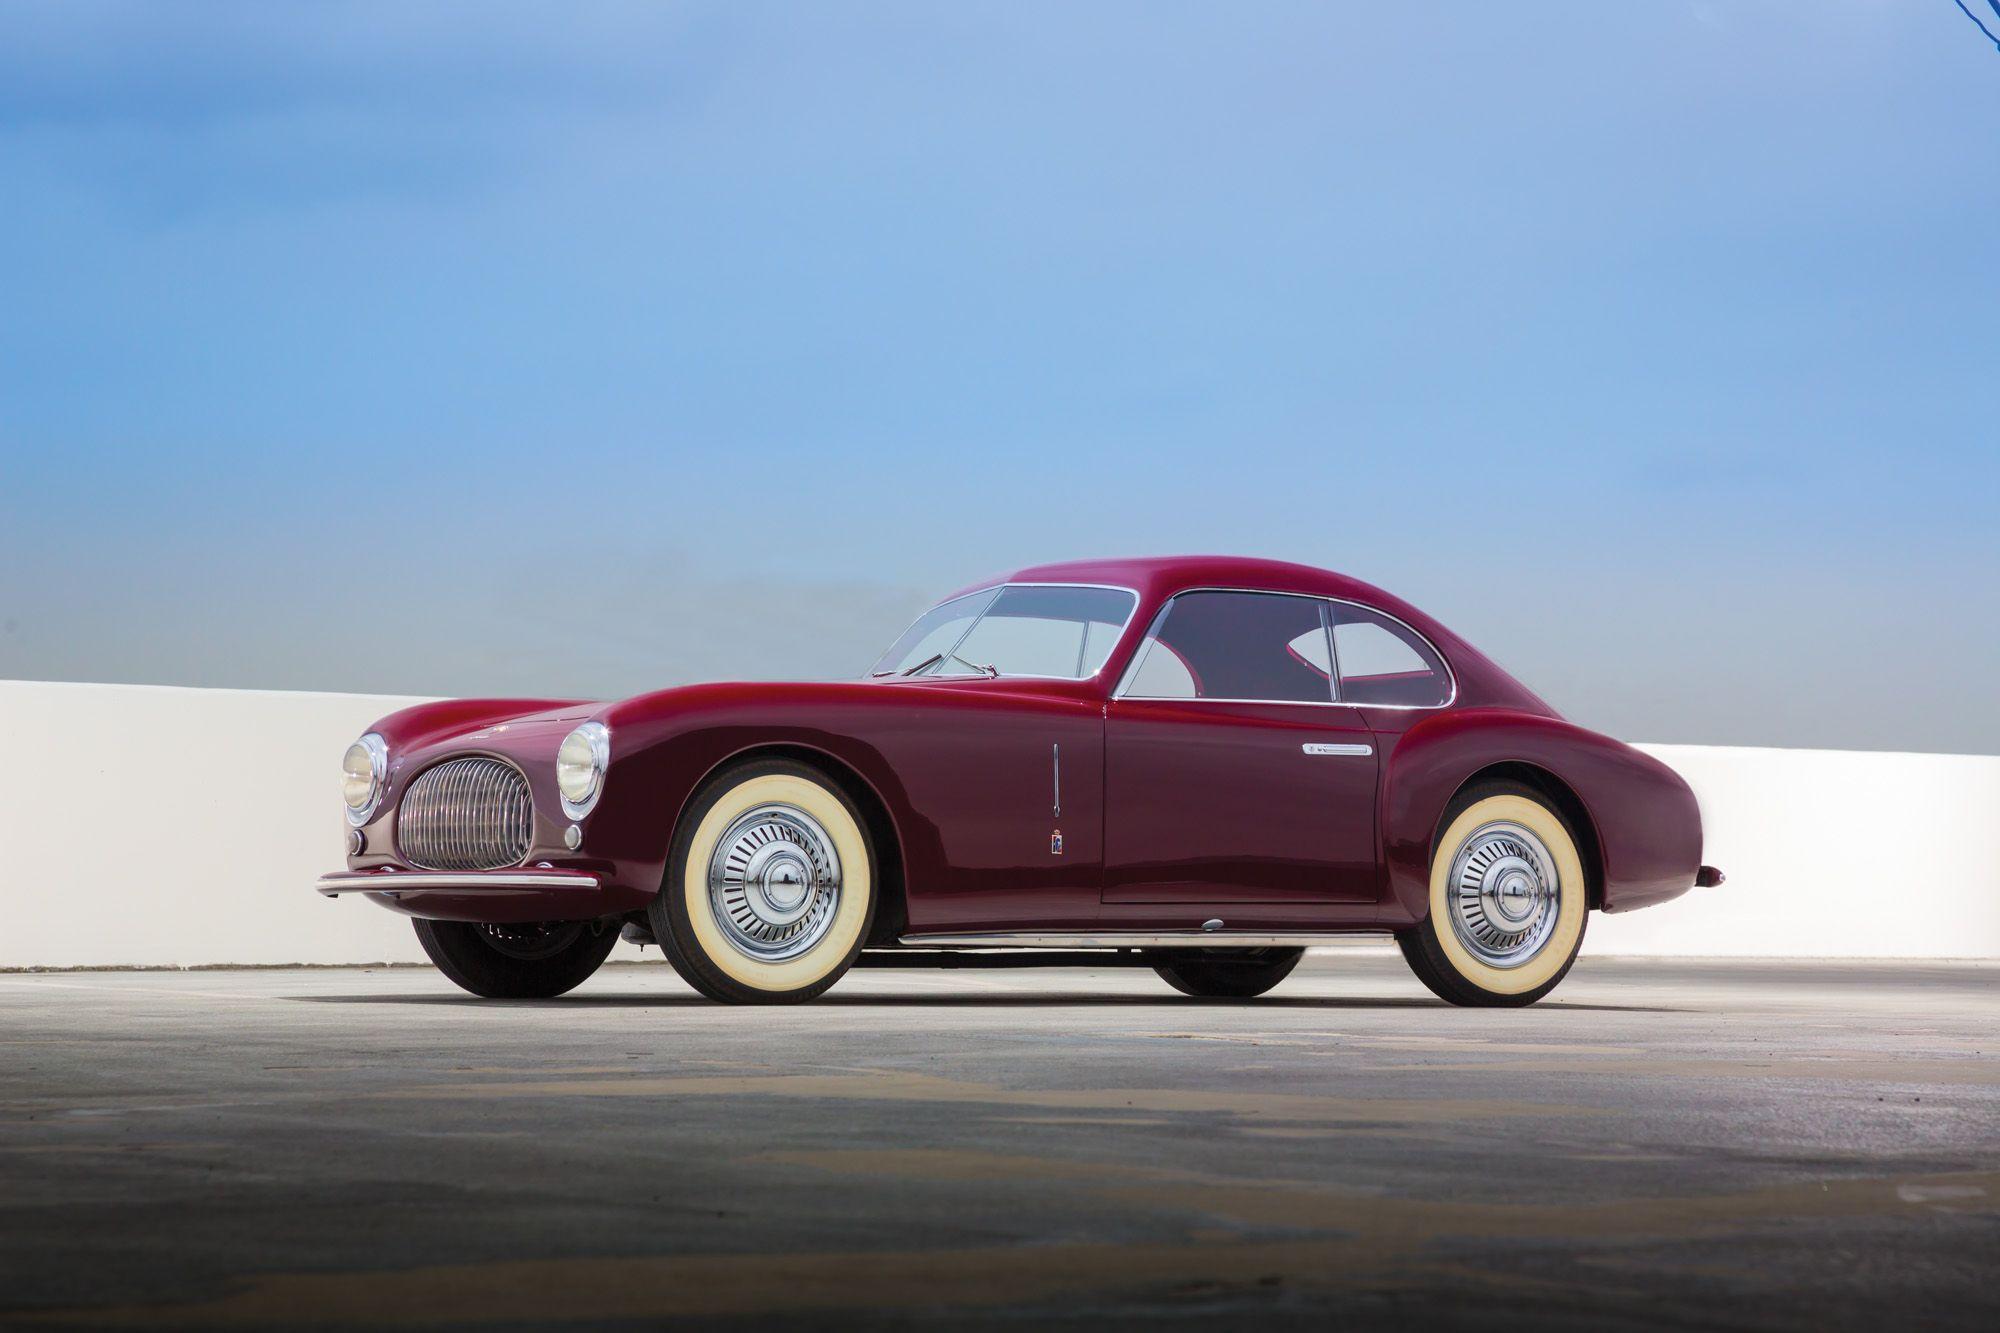 1947 Cisitalia 202 Coupe